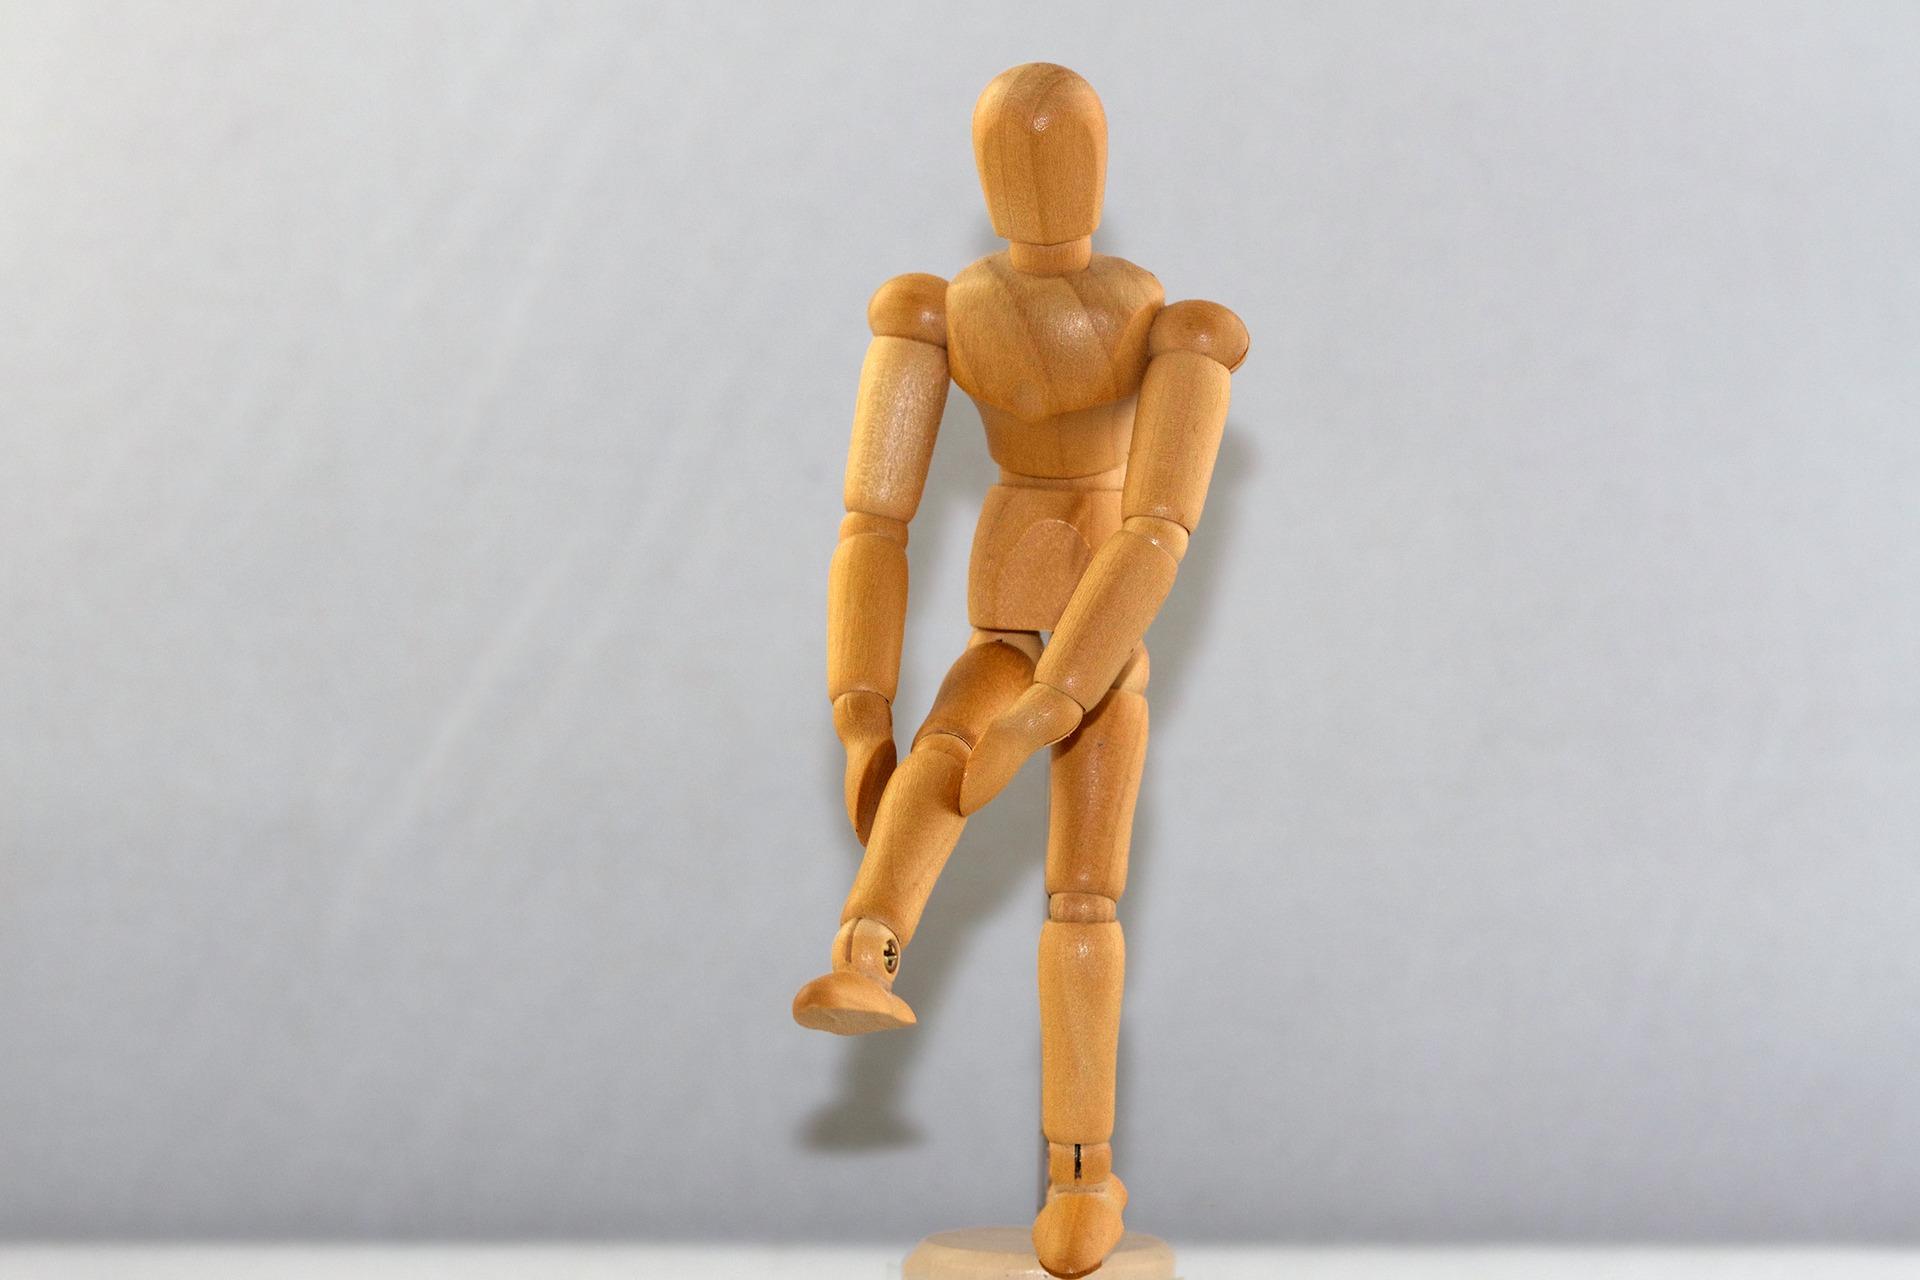 wooden figurine clutching knee